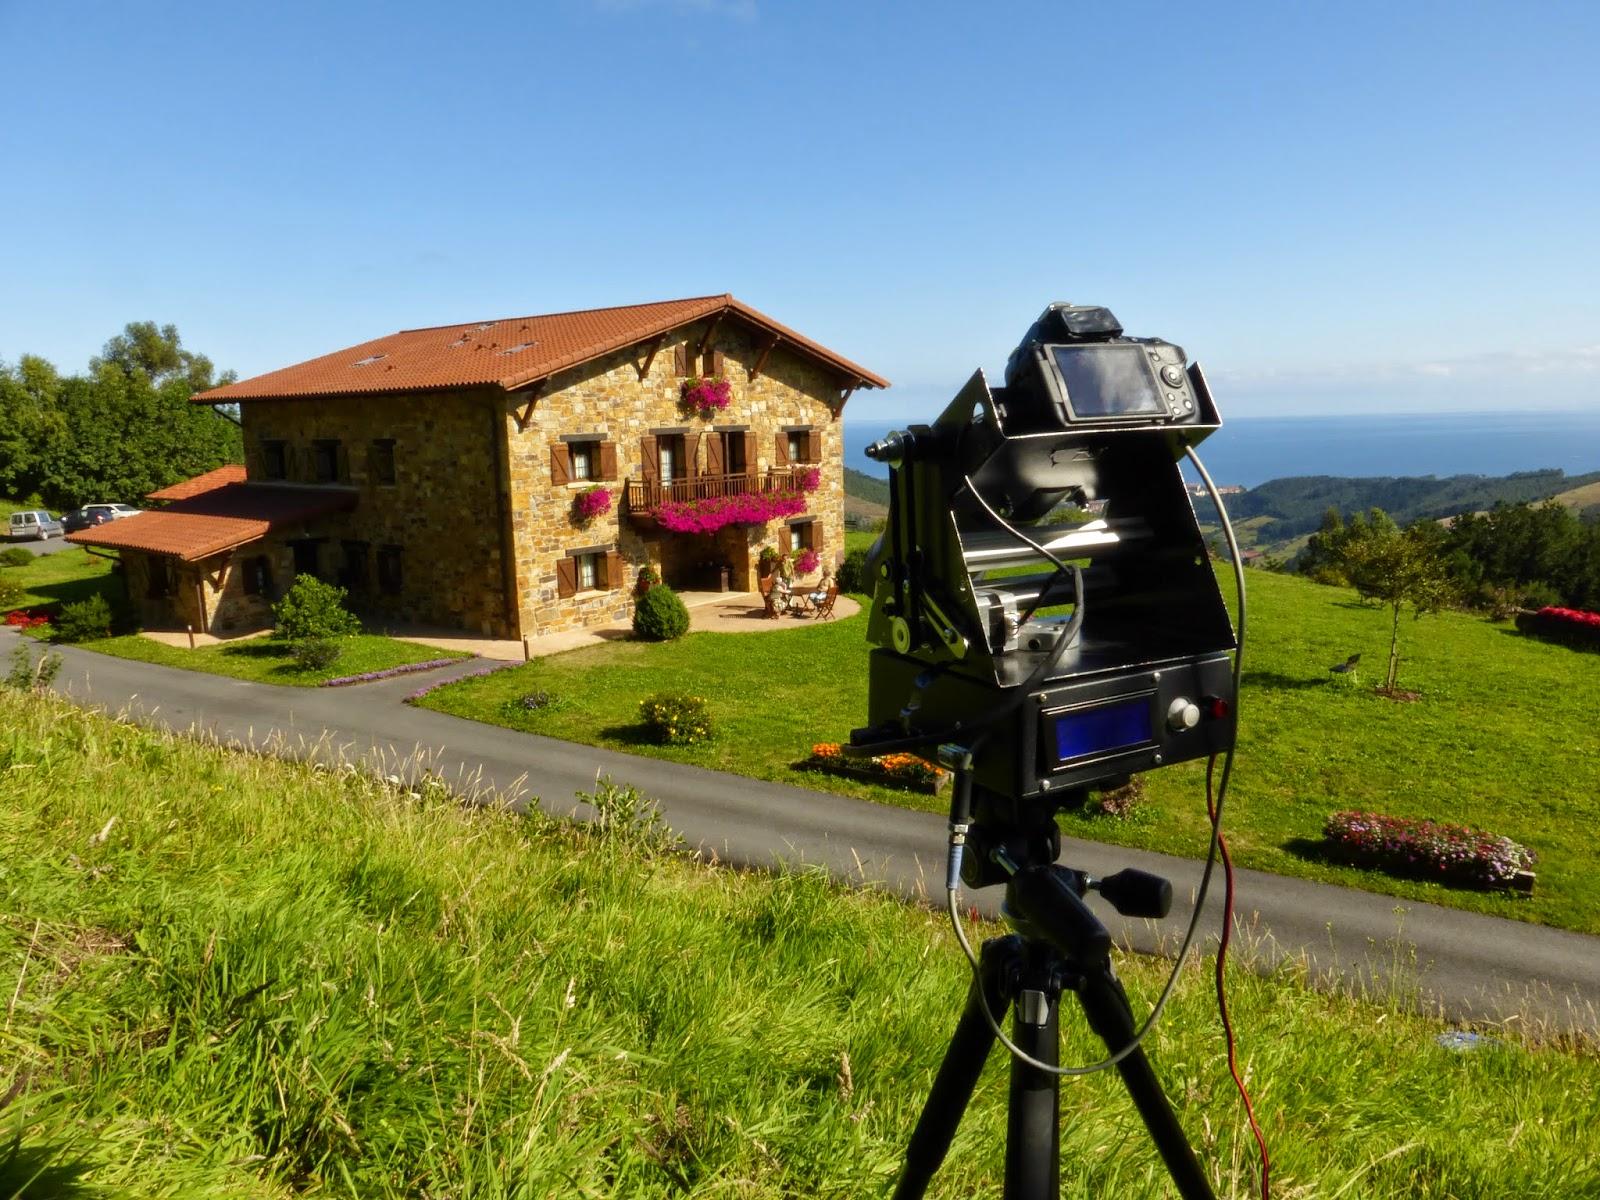 Fotograf as panor micas y otras cosillas agosto 2014 - Lurdeia casa rural bermeo ...